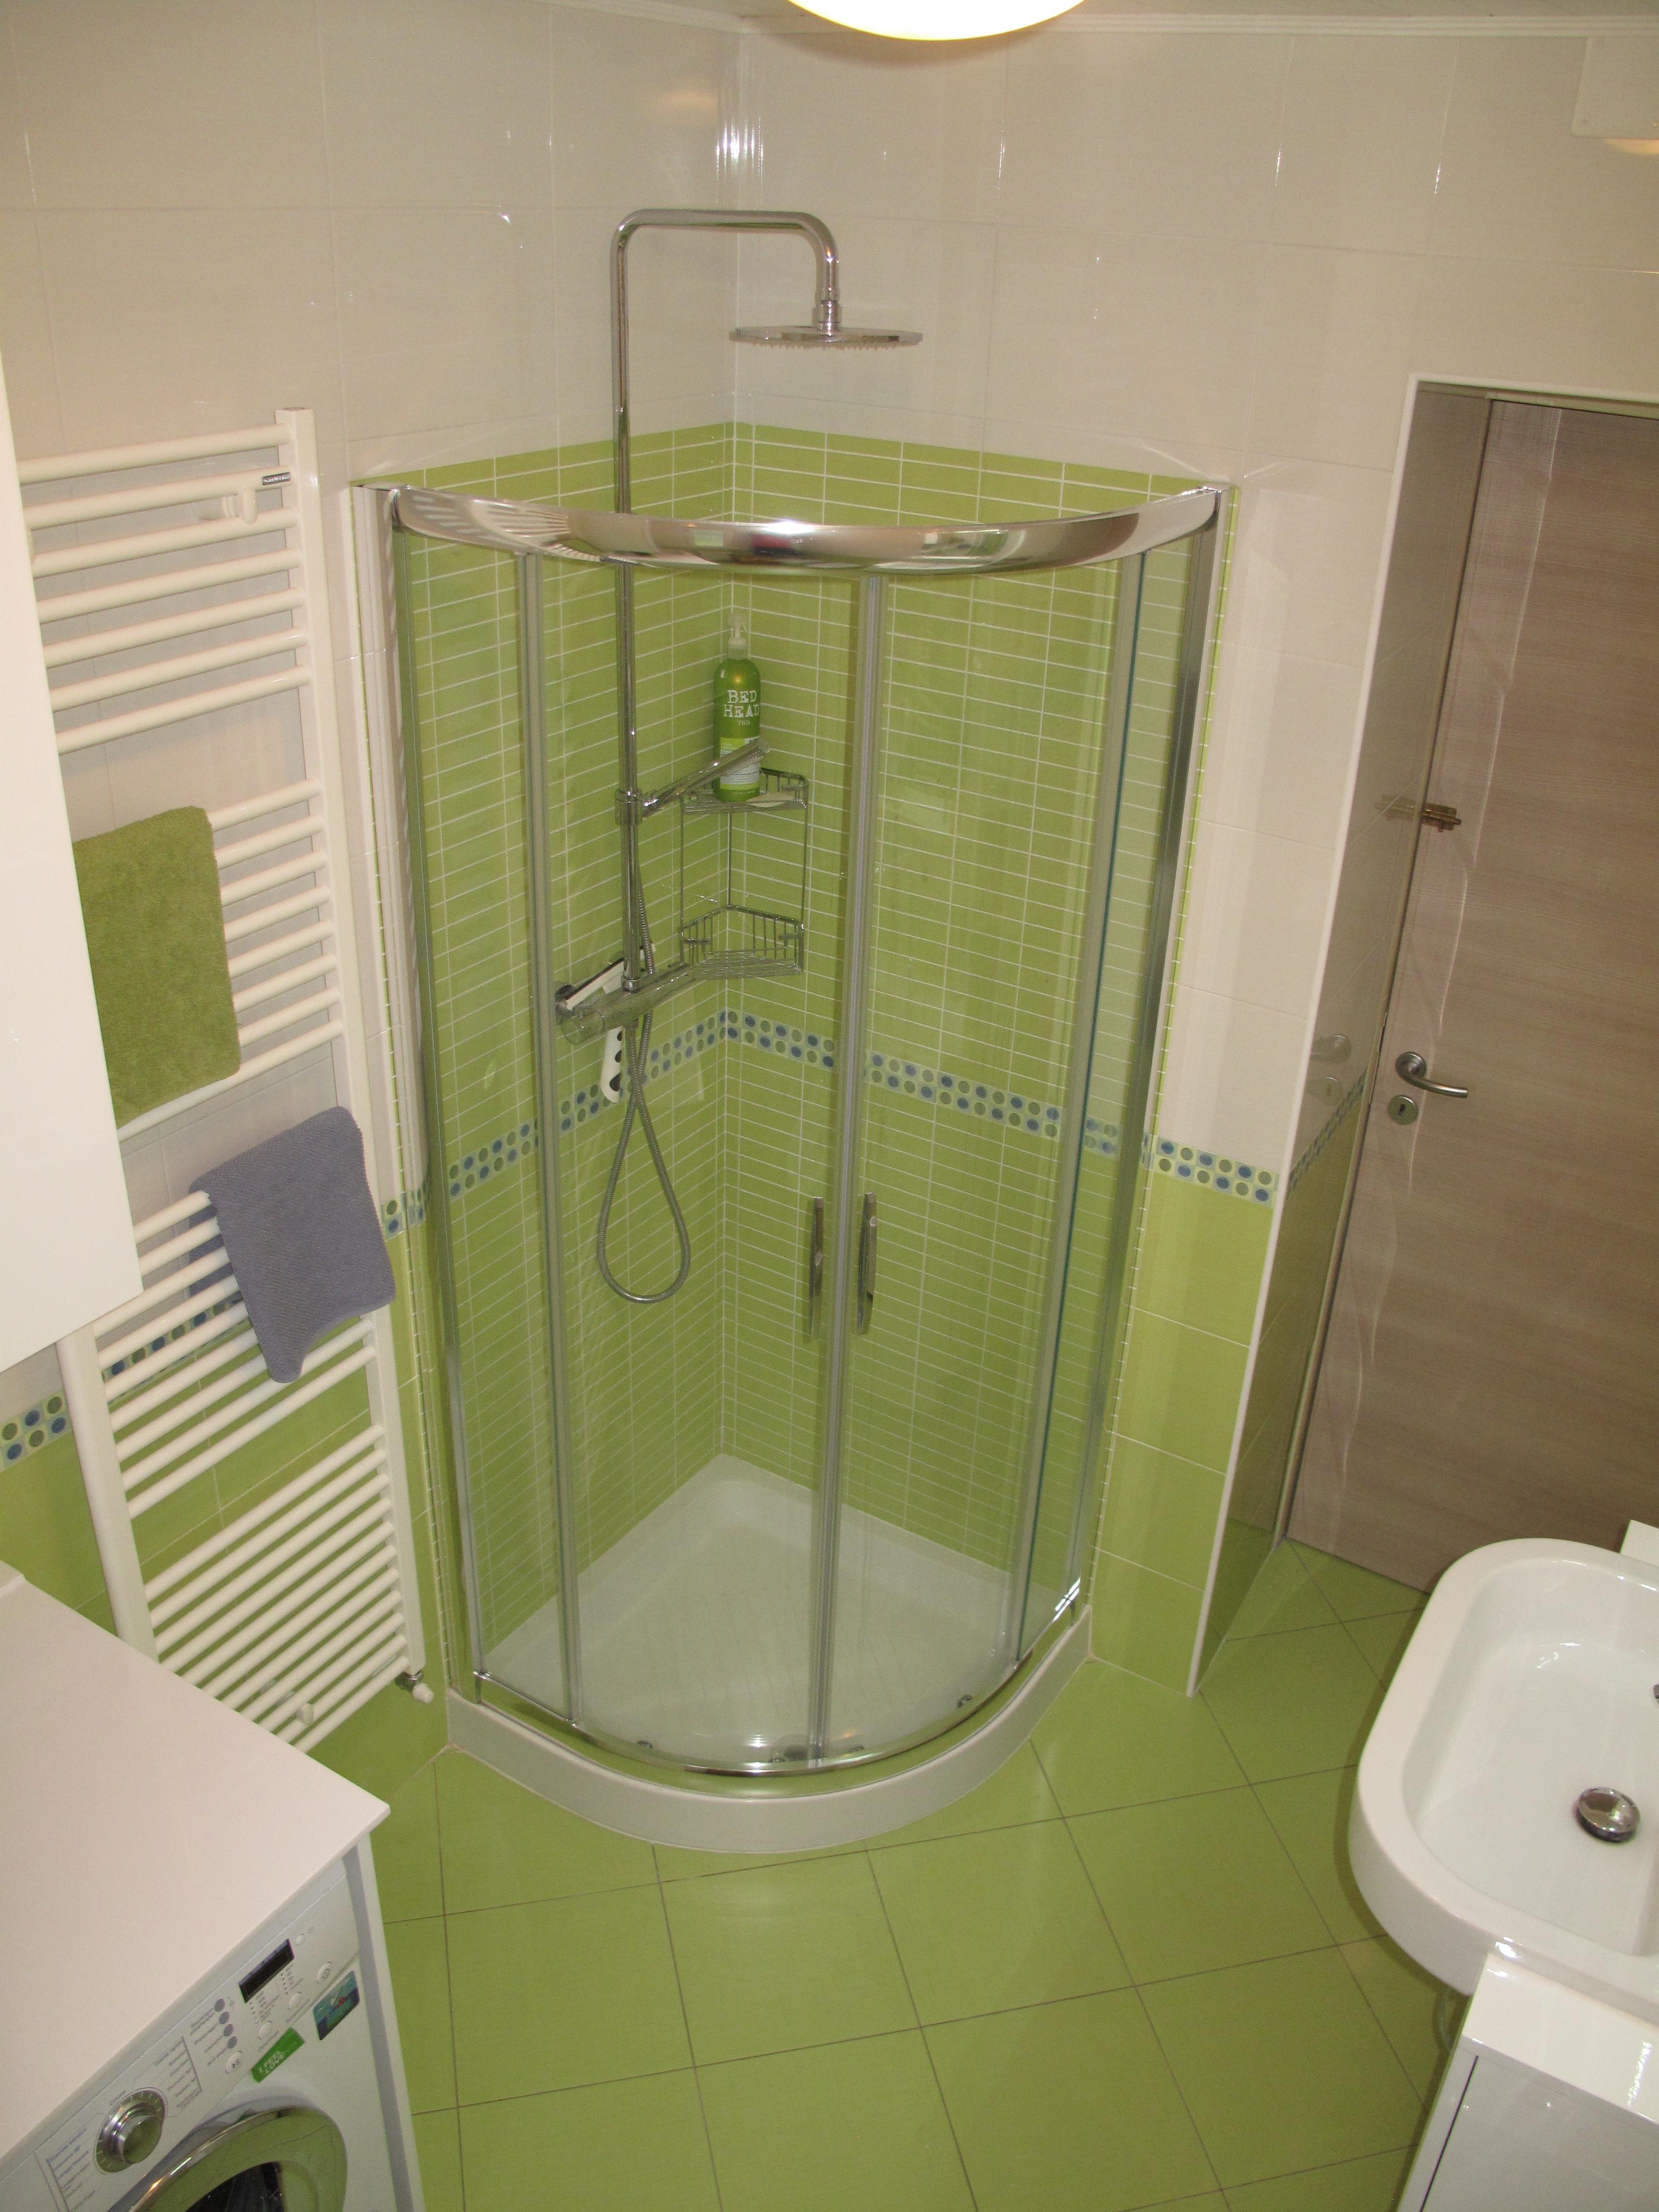 Piastrelle bagno altezza 120 bagno con piastrelle a met altezza servizi alto adige per tutti - Piastrelle bagno altezza giusta ...